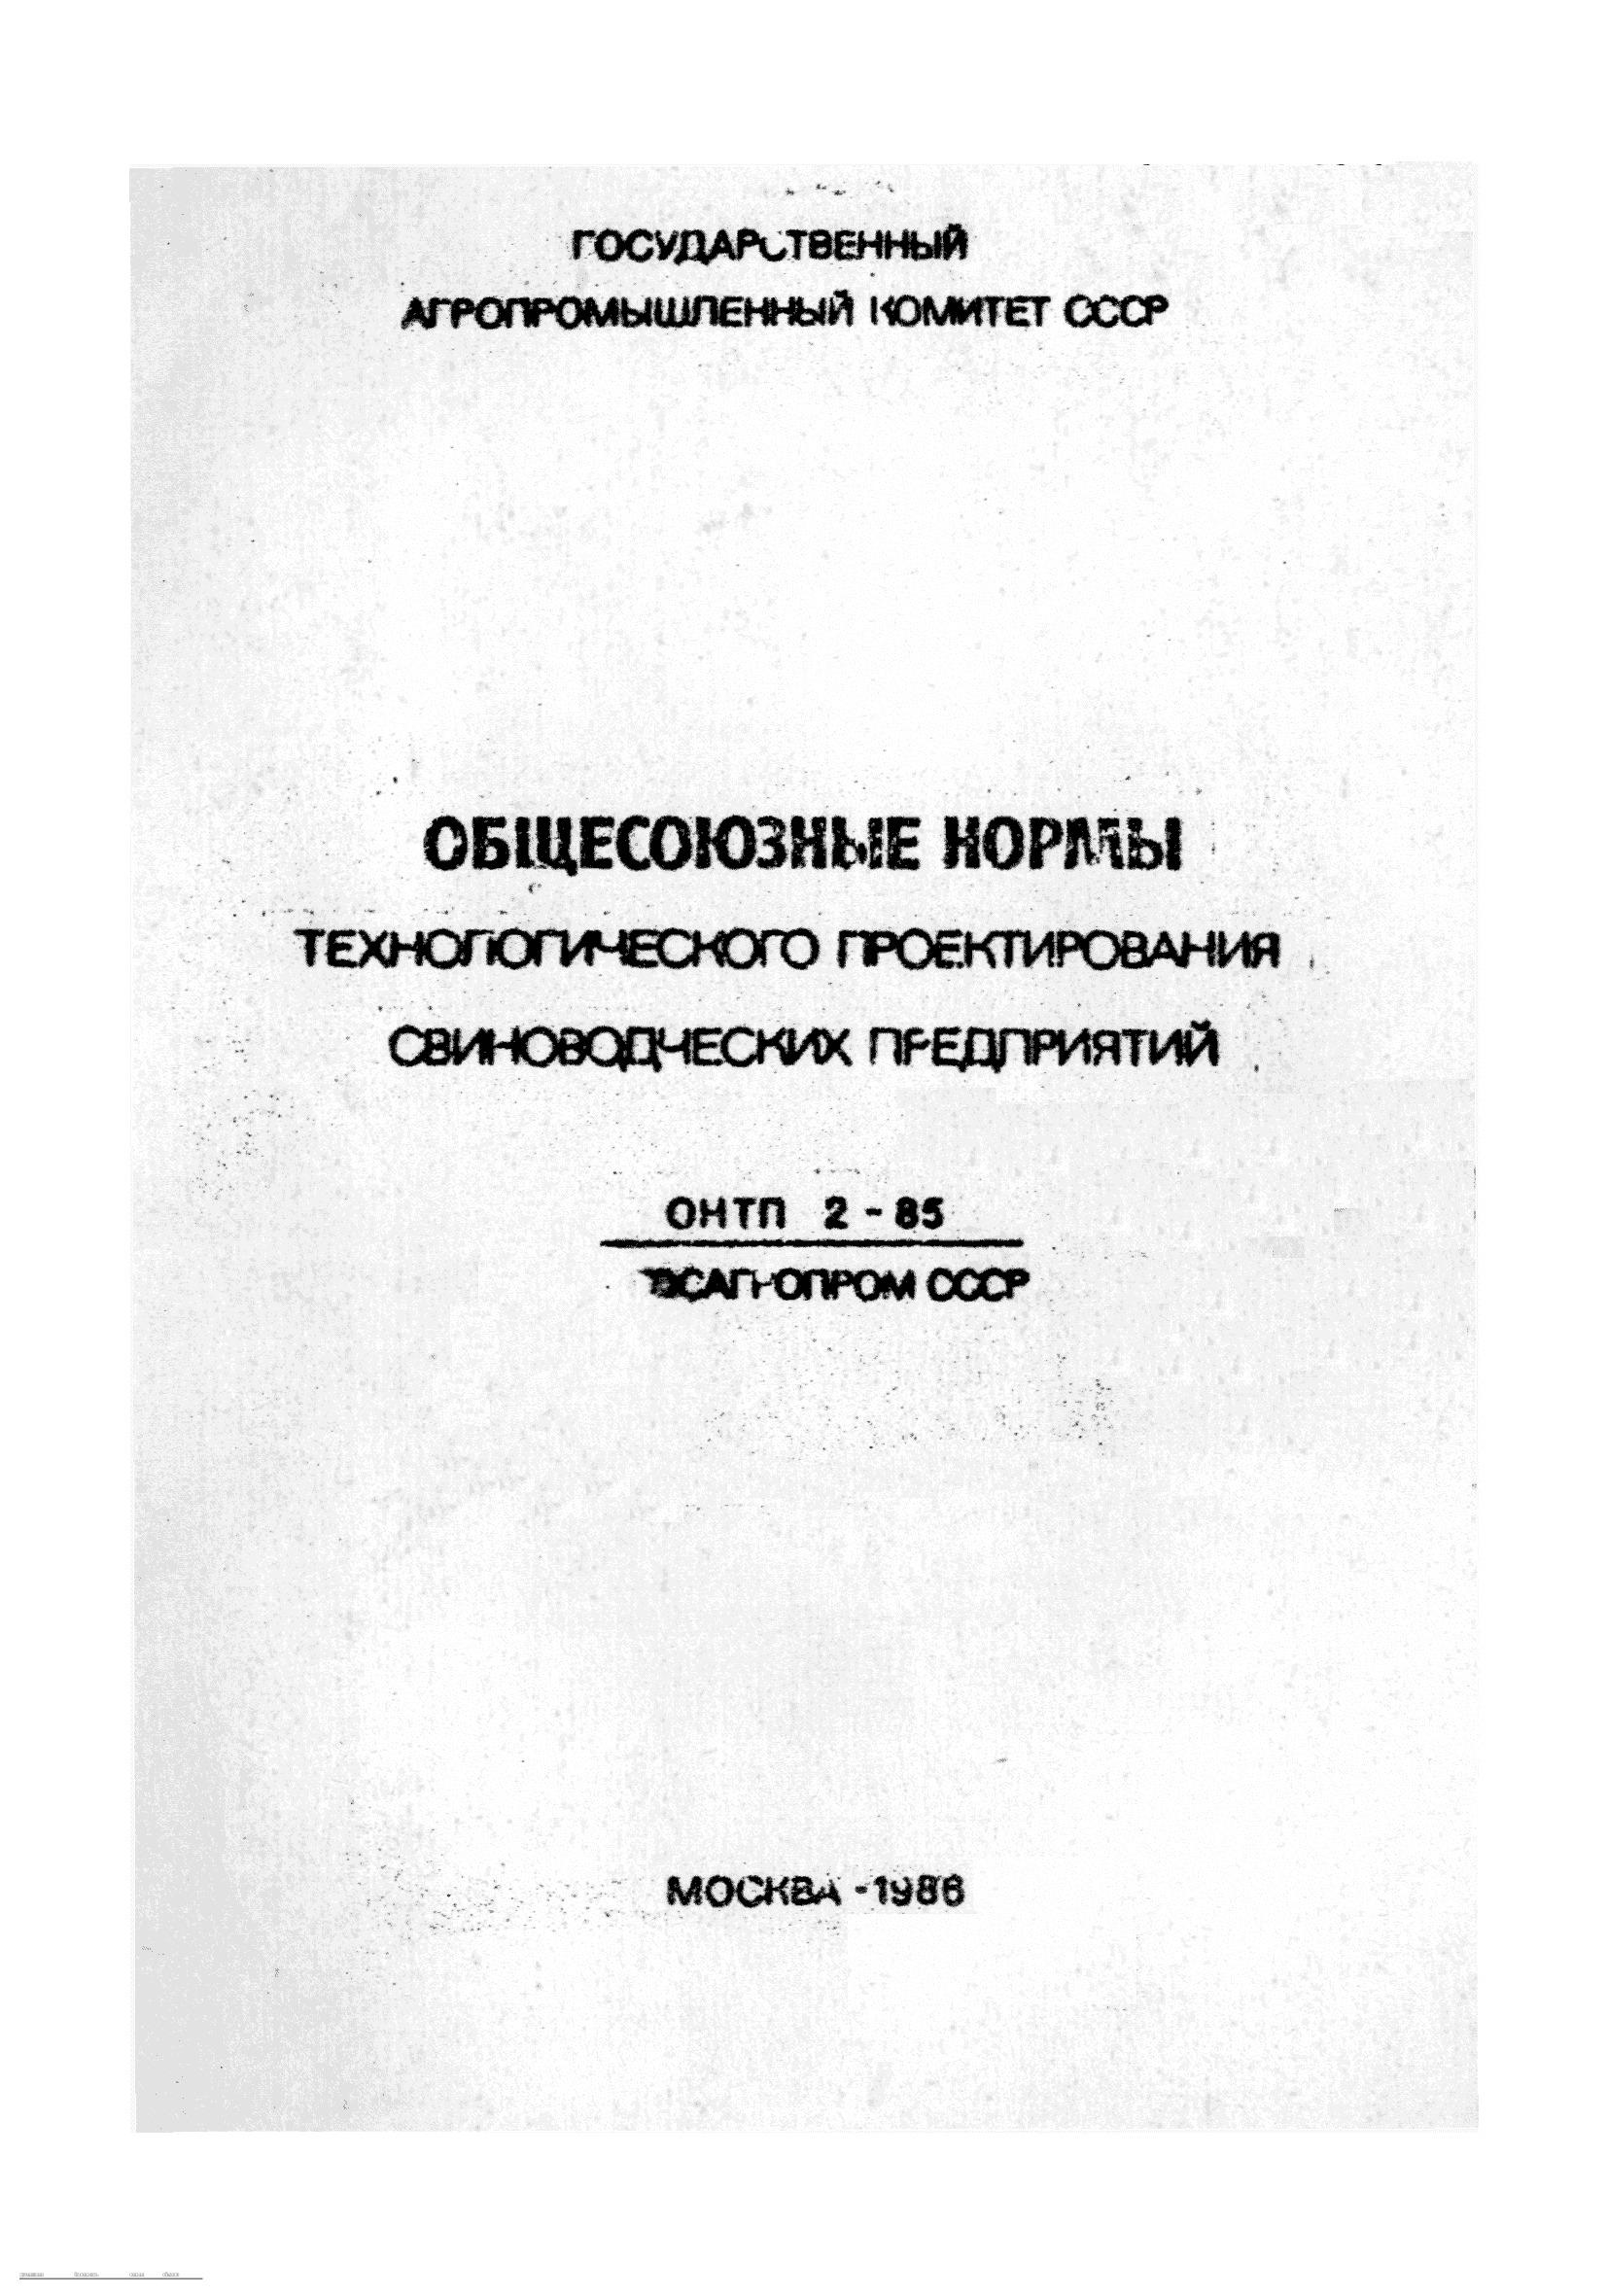 ОНТП 2-85 Госагропром СССР Общесоюзные нормы технологического проектирования свиноводческих предприятий